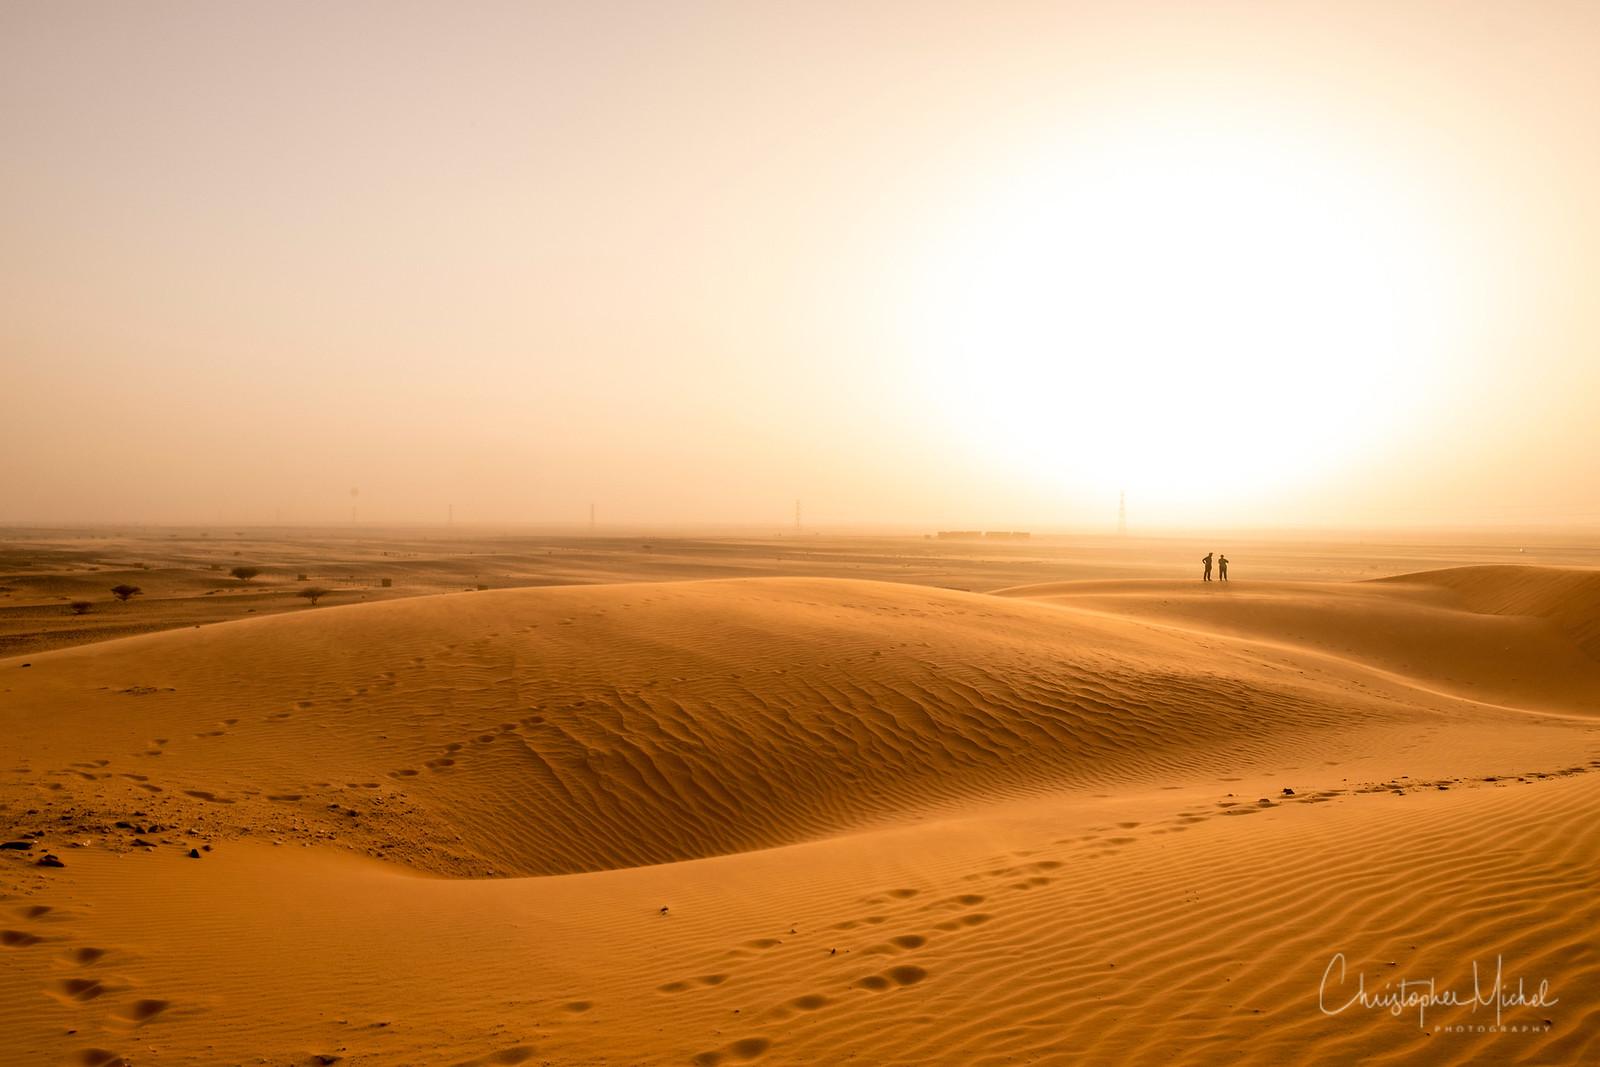 Often, red sandstorms blend sky and land.